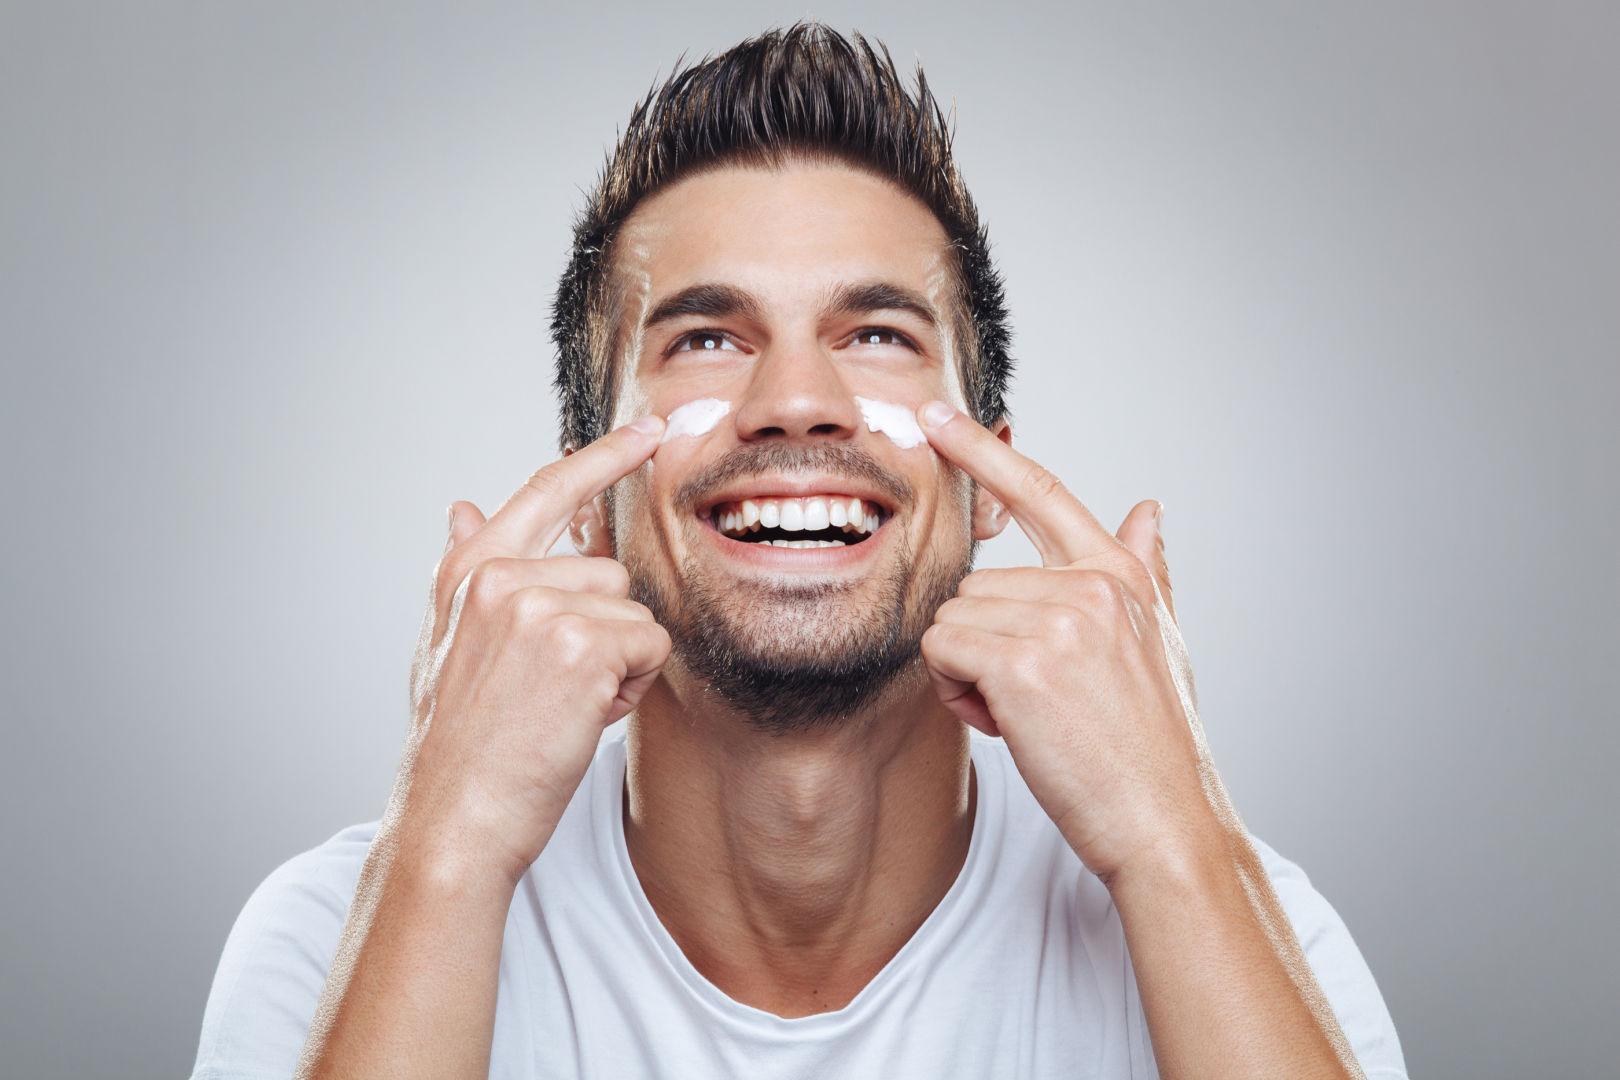 amatera a développé des soins visage bio et naturel pour les hommes